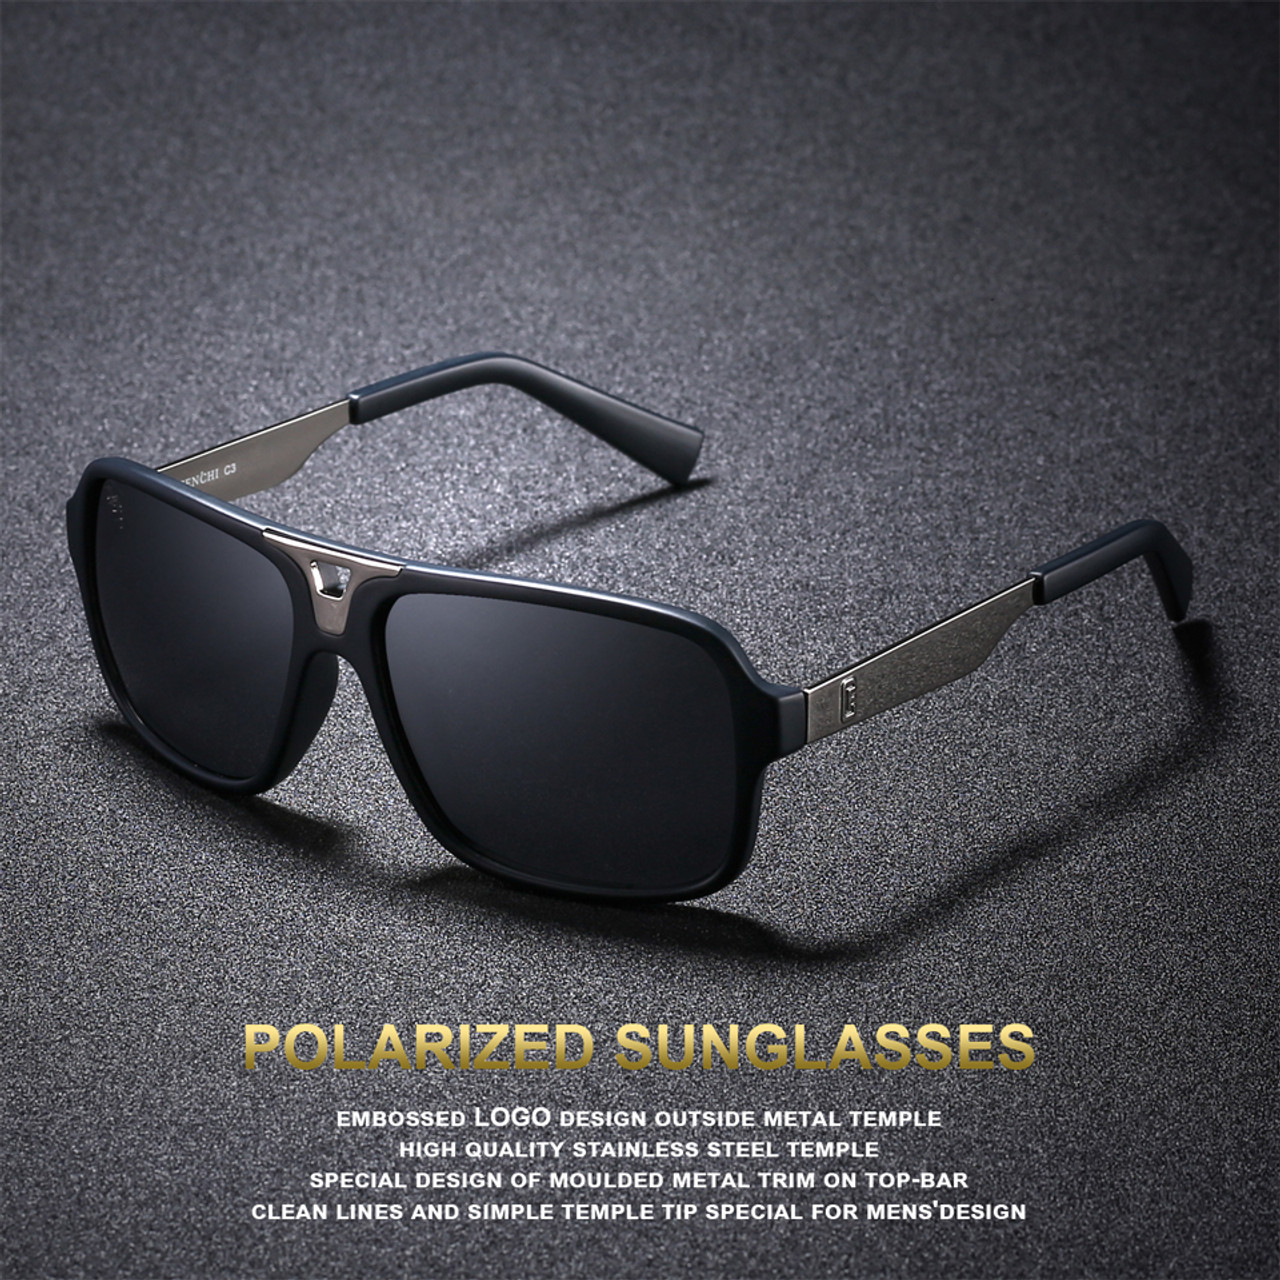 b917051e3a ... FENCHI Design Sunglasses Men Polarized Square Retro New Driving Vintage  Fashion Fishing Oculos De Sol Sun ...